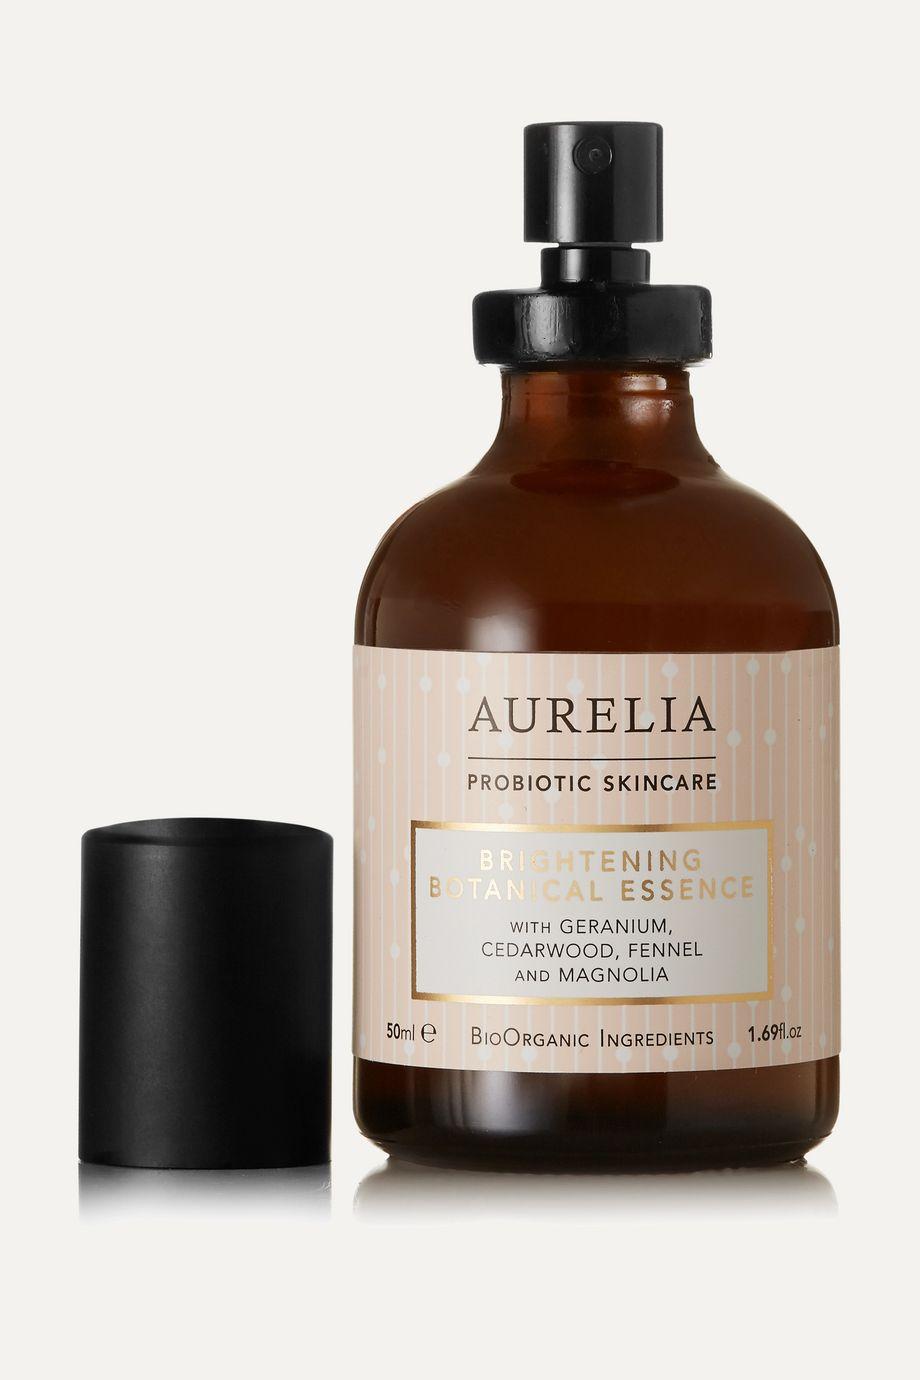 Aurelia Probiotic Skincare Brightening Botanical Essence, 50ml